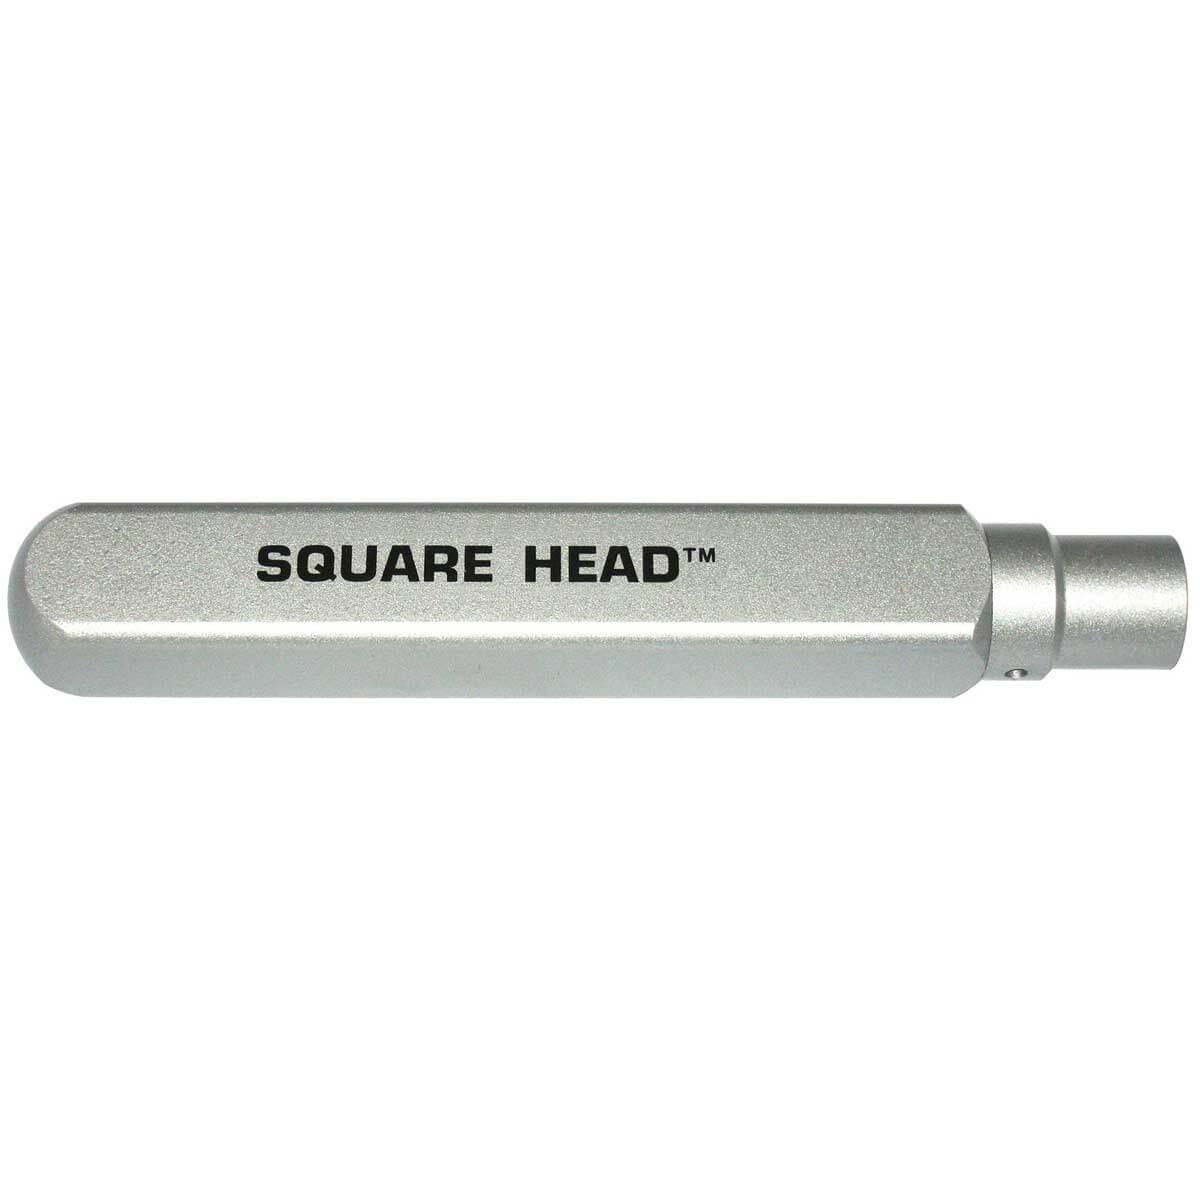 Wyco concrete vibrator 1-3/4in square head